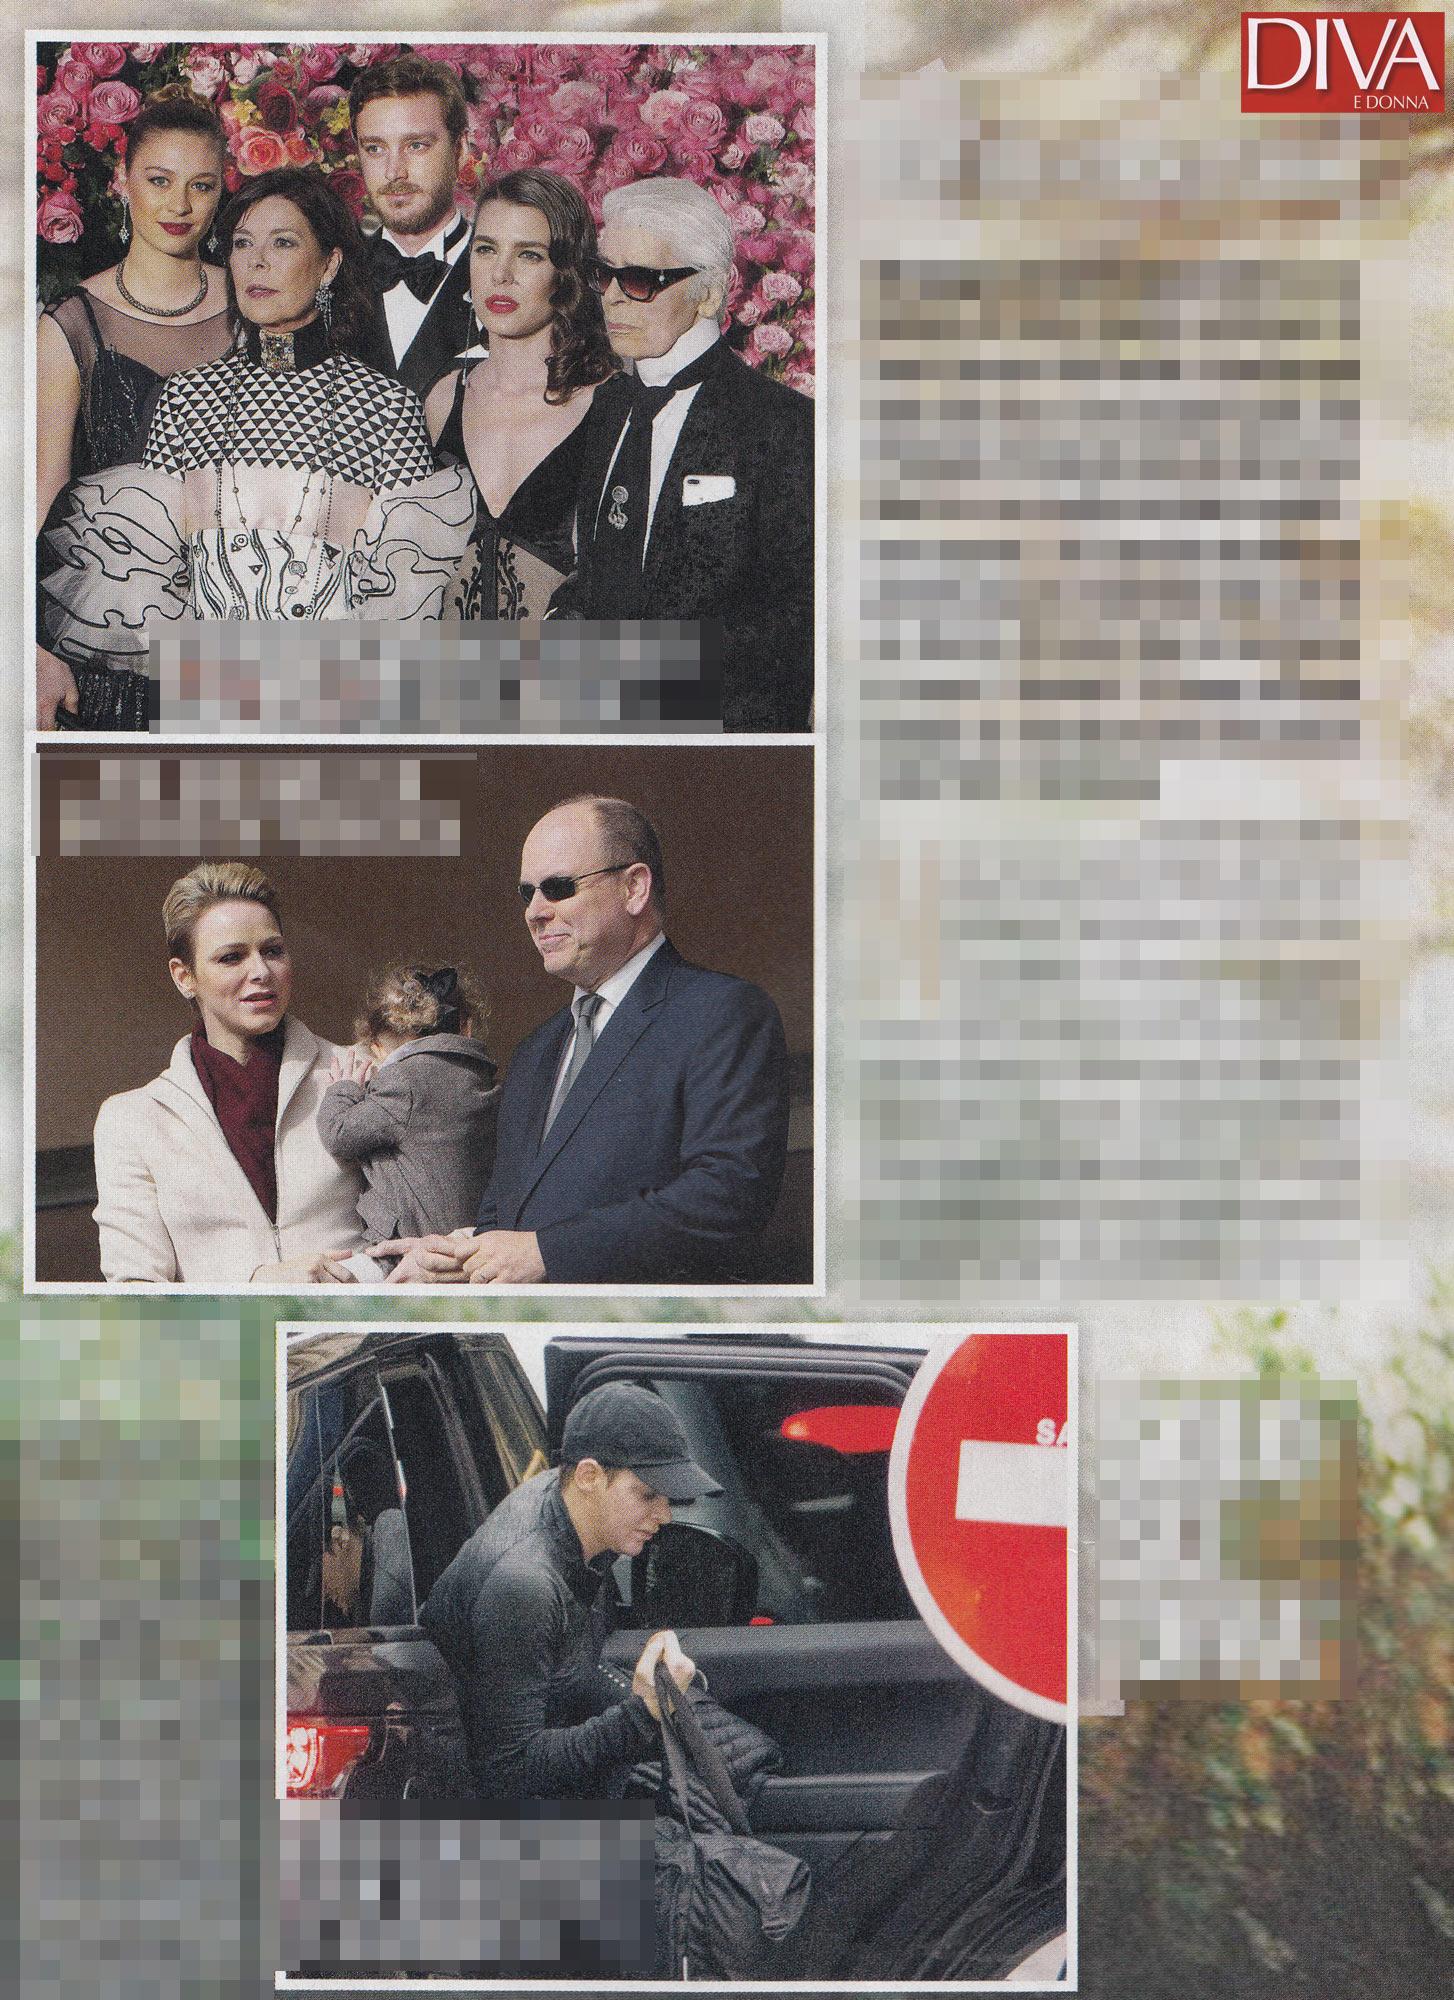 Alberto di monaco moglie e figli in hotel il palazzo in ristrutturazione tgcom24 - Diva e donne giornale ...